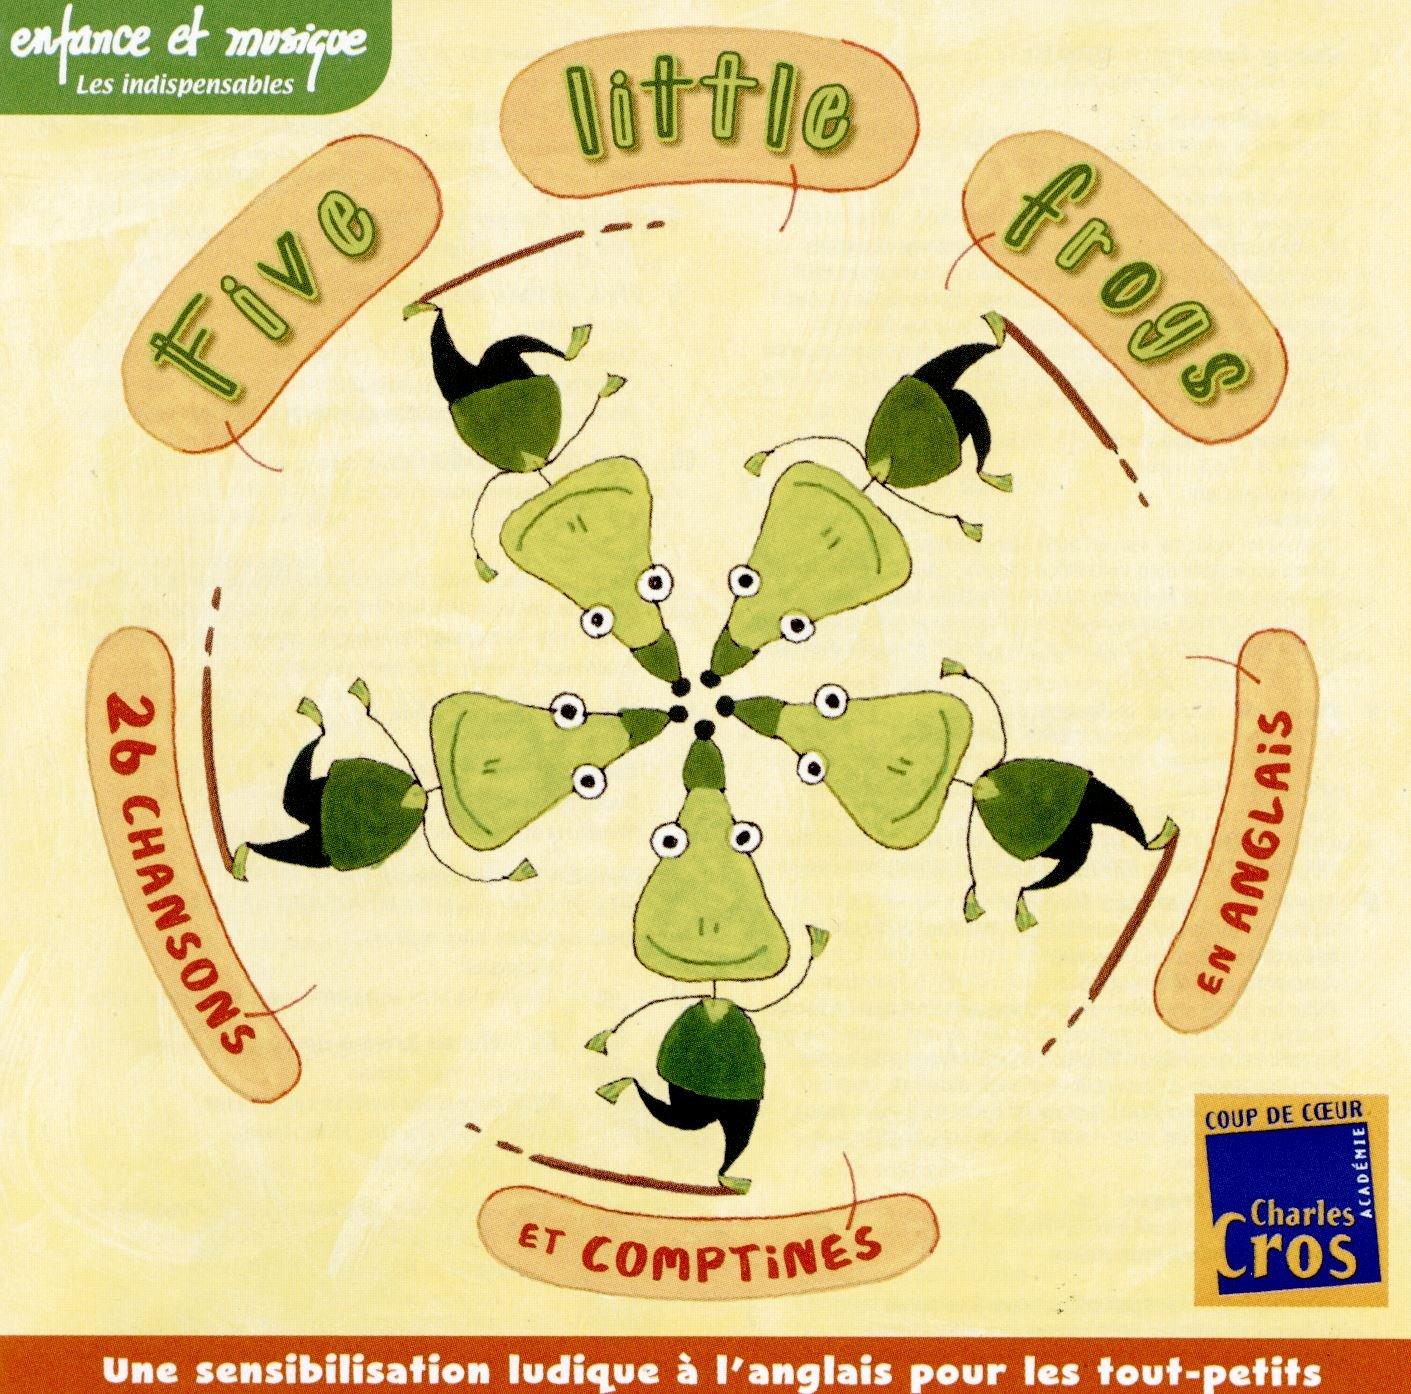 Five little frogs : 26 chansons et comptines en anglais